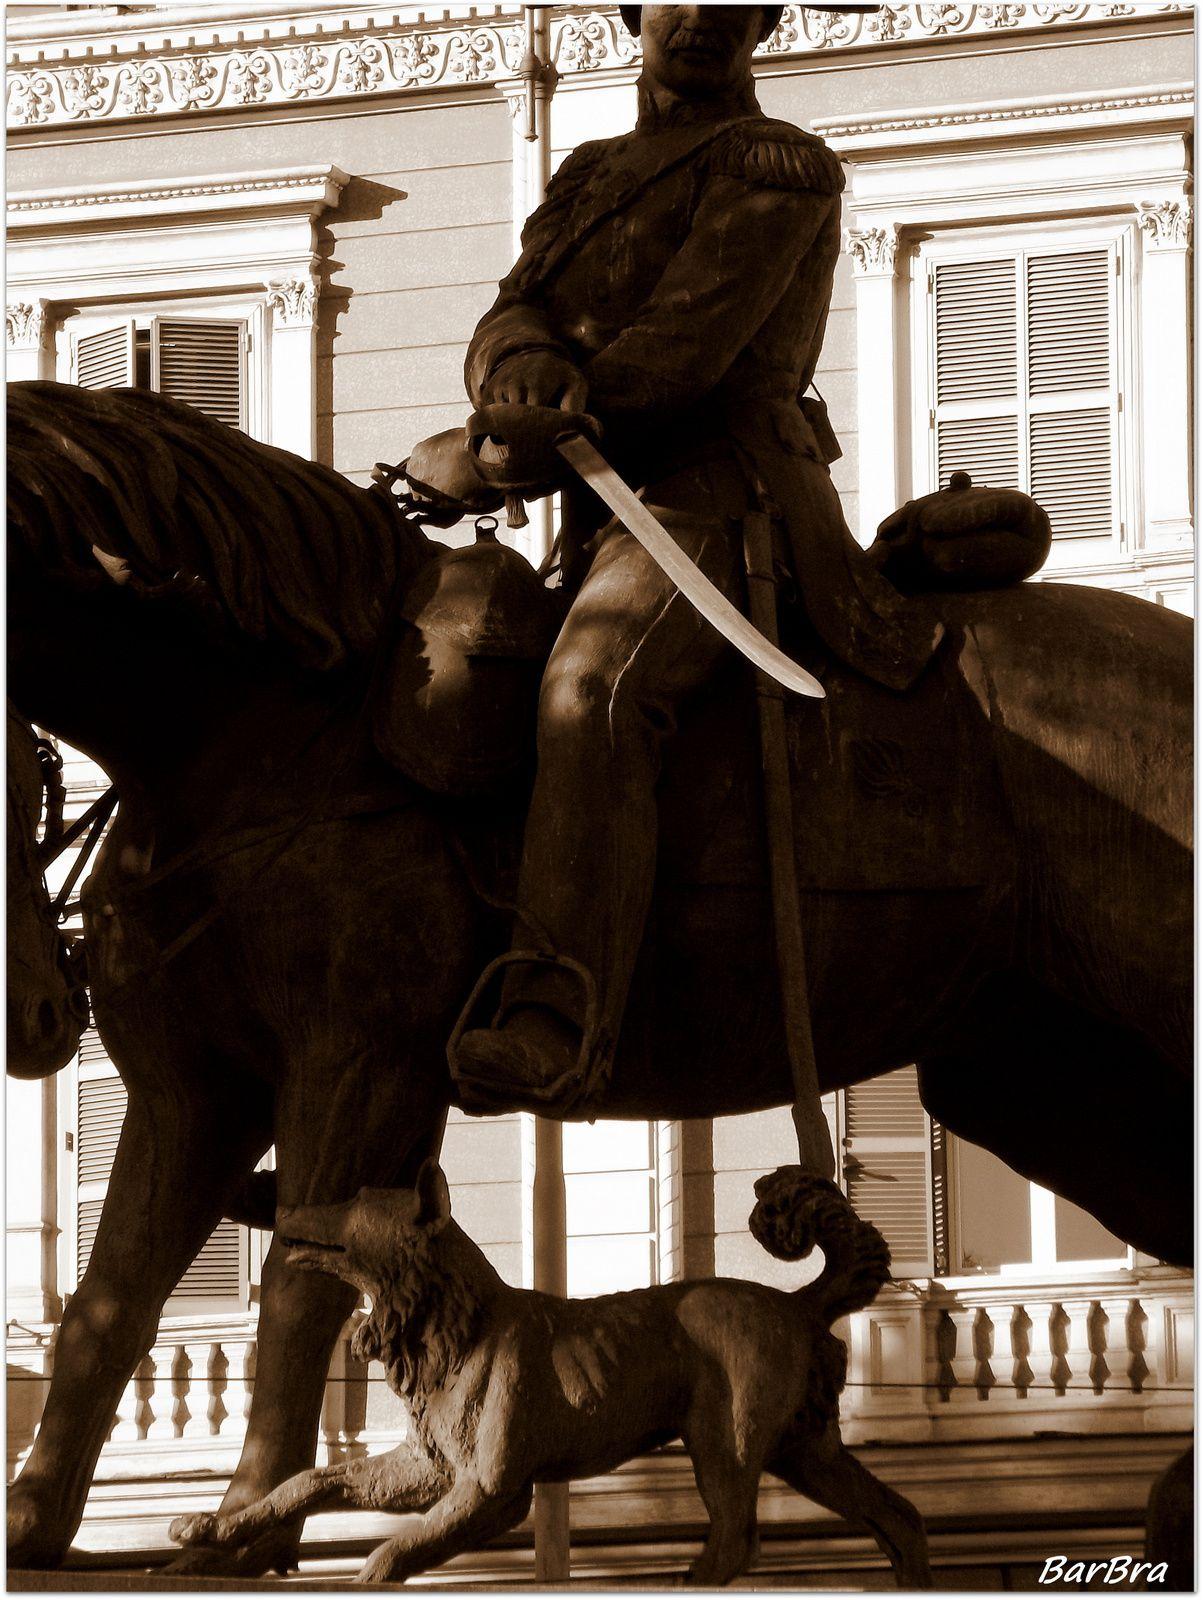 La testa del cavallo è vicina a quella del cane ... una dimostrazione del vincolo affettivo che da sempre esiste tra questi due amici dell'uomo.